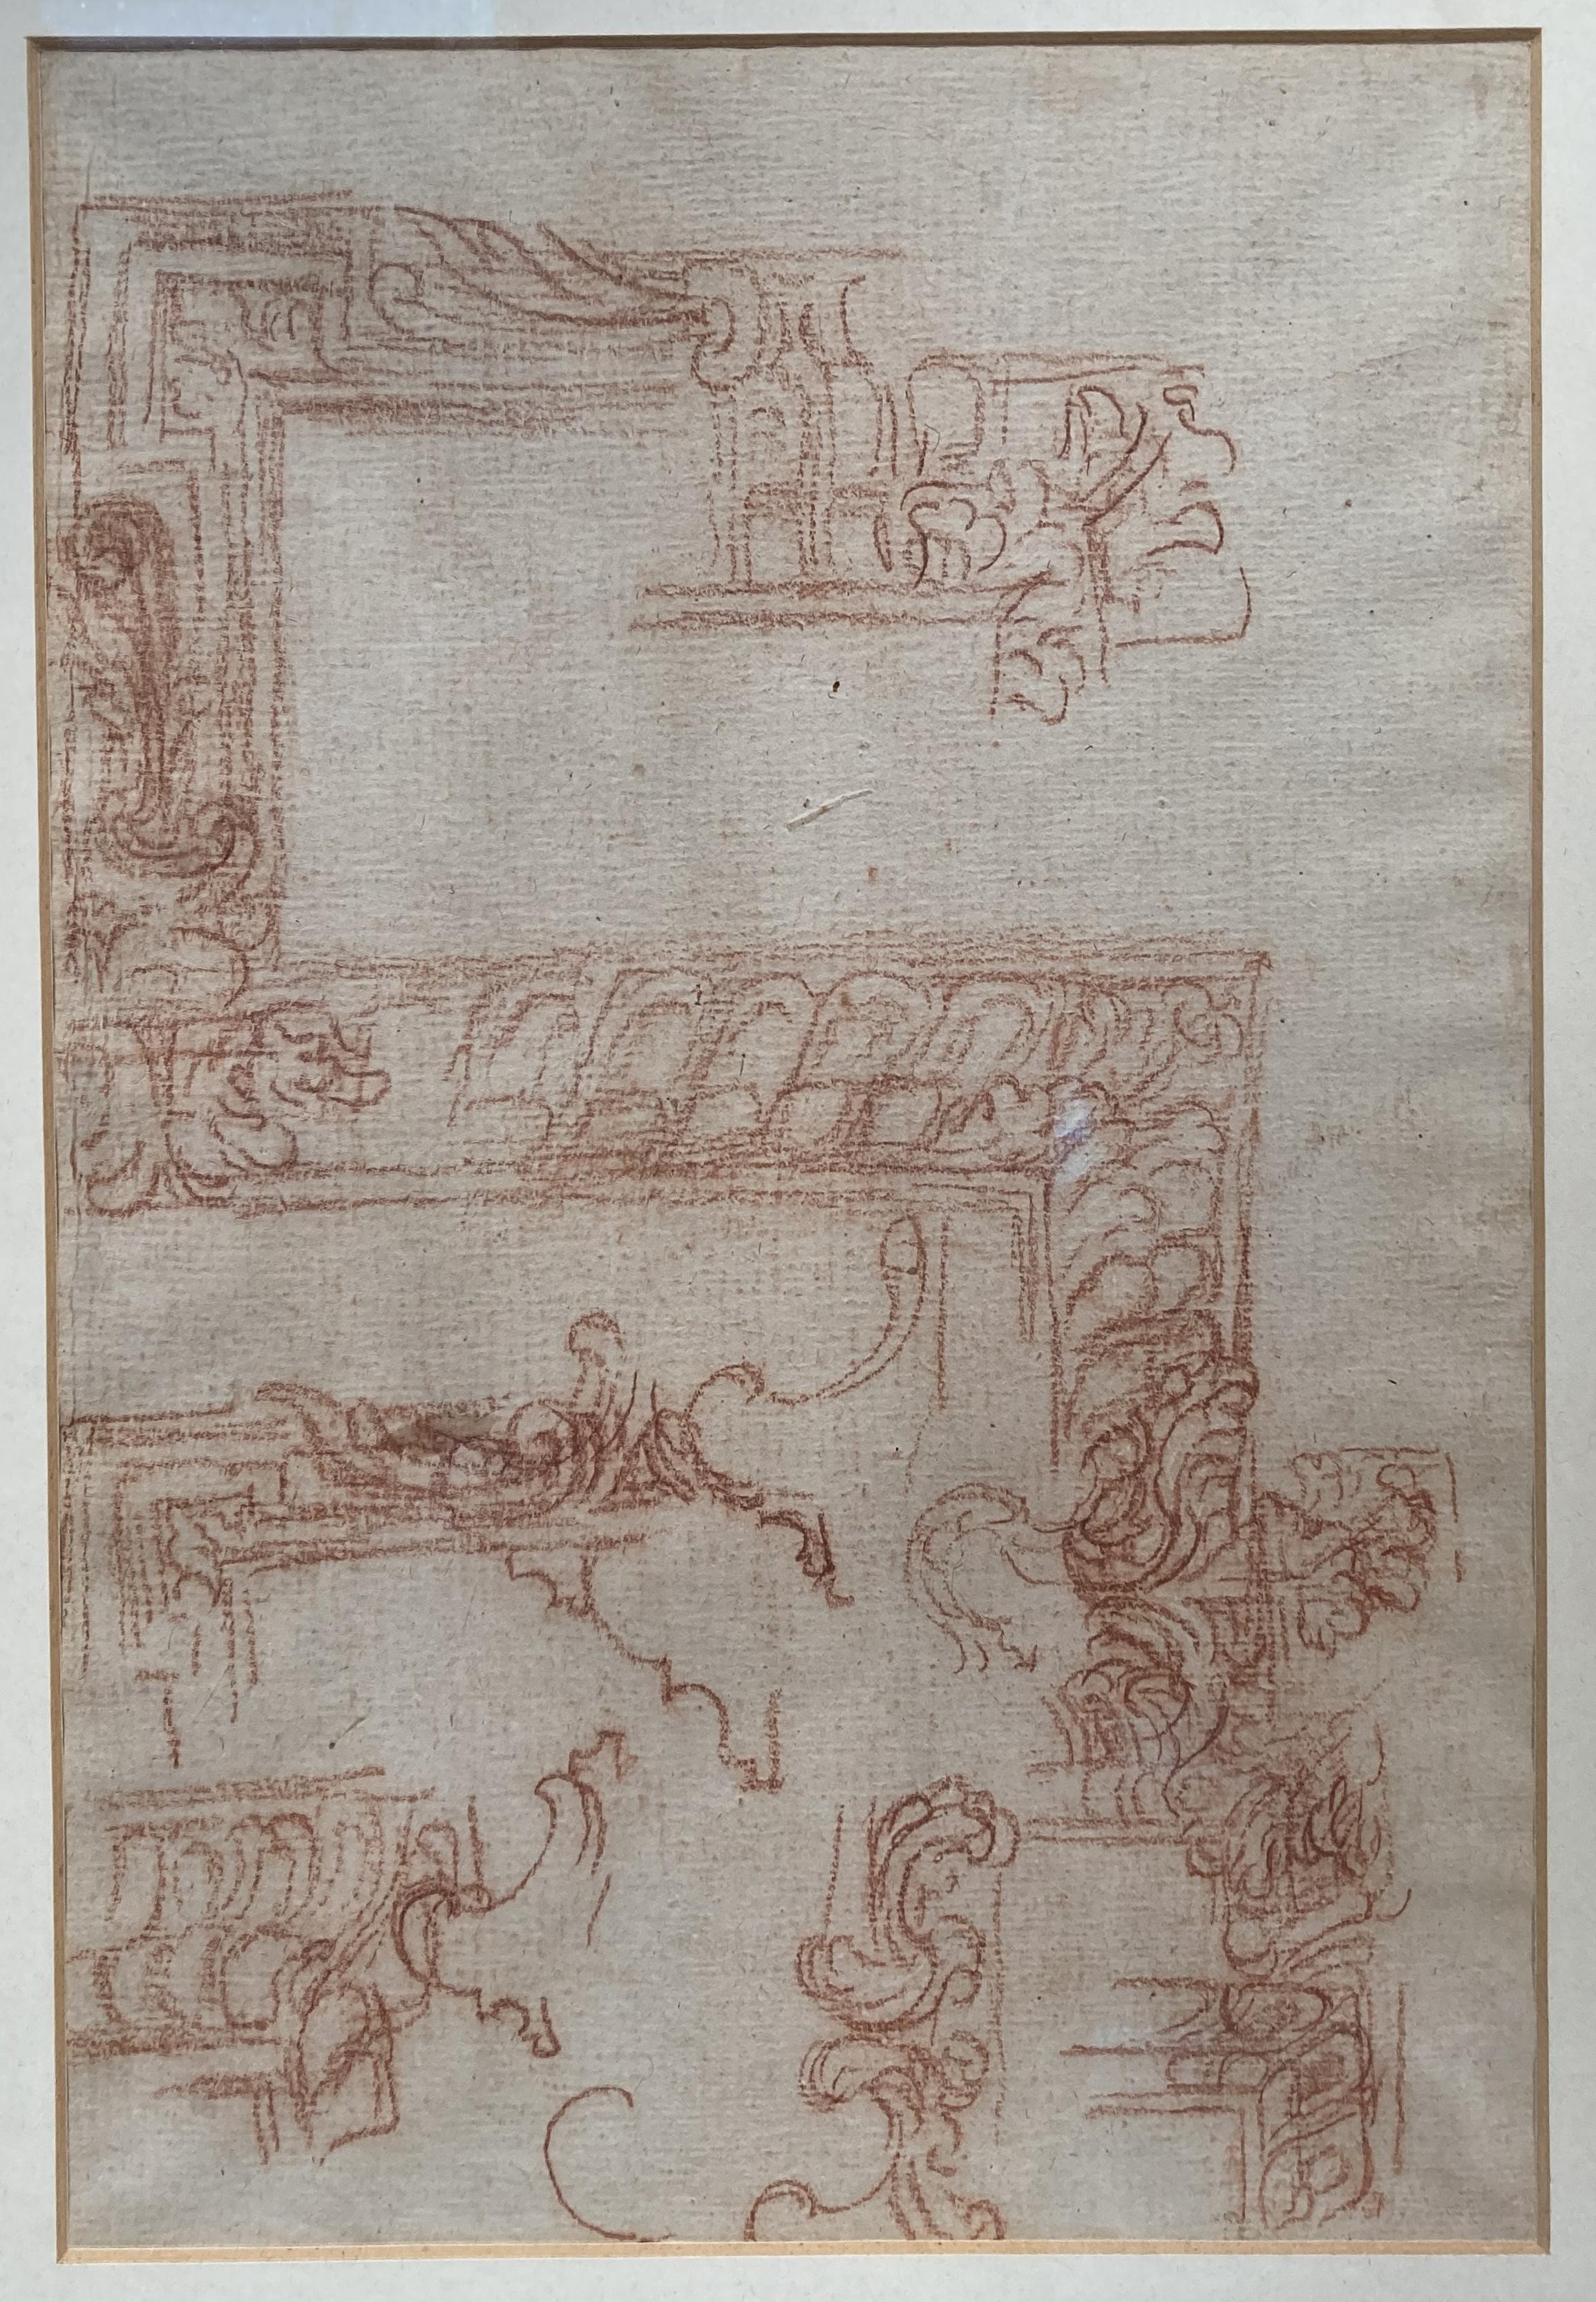 3B Volterrano sheet 2 recto 38 x 26cm